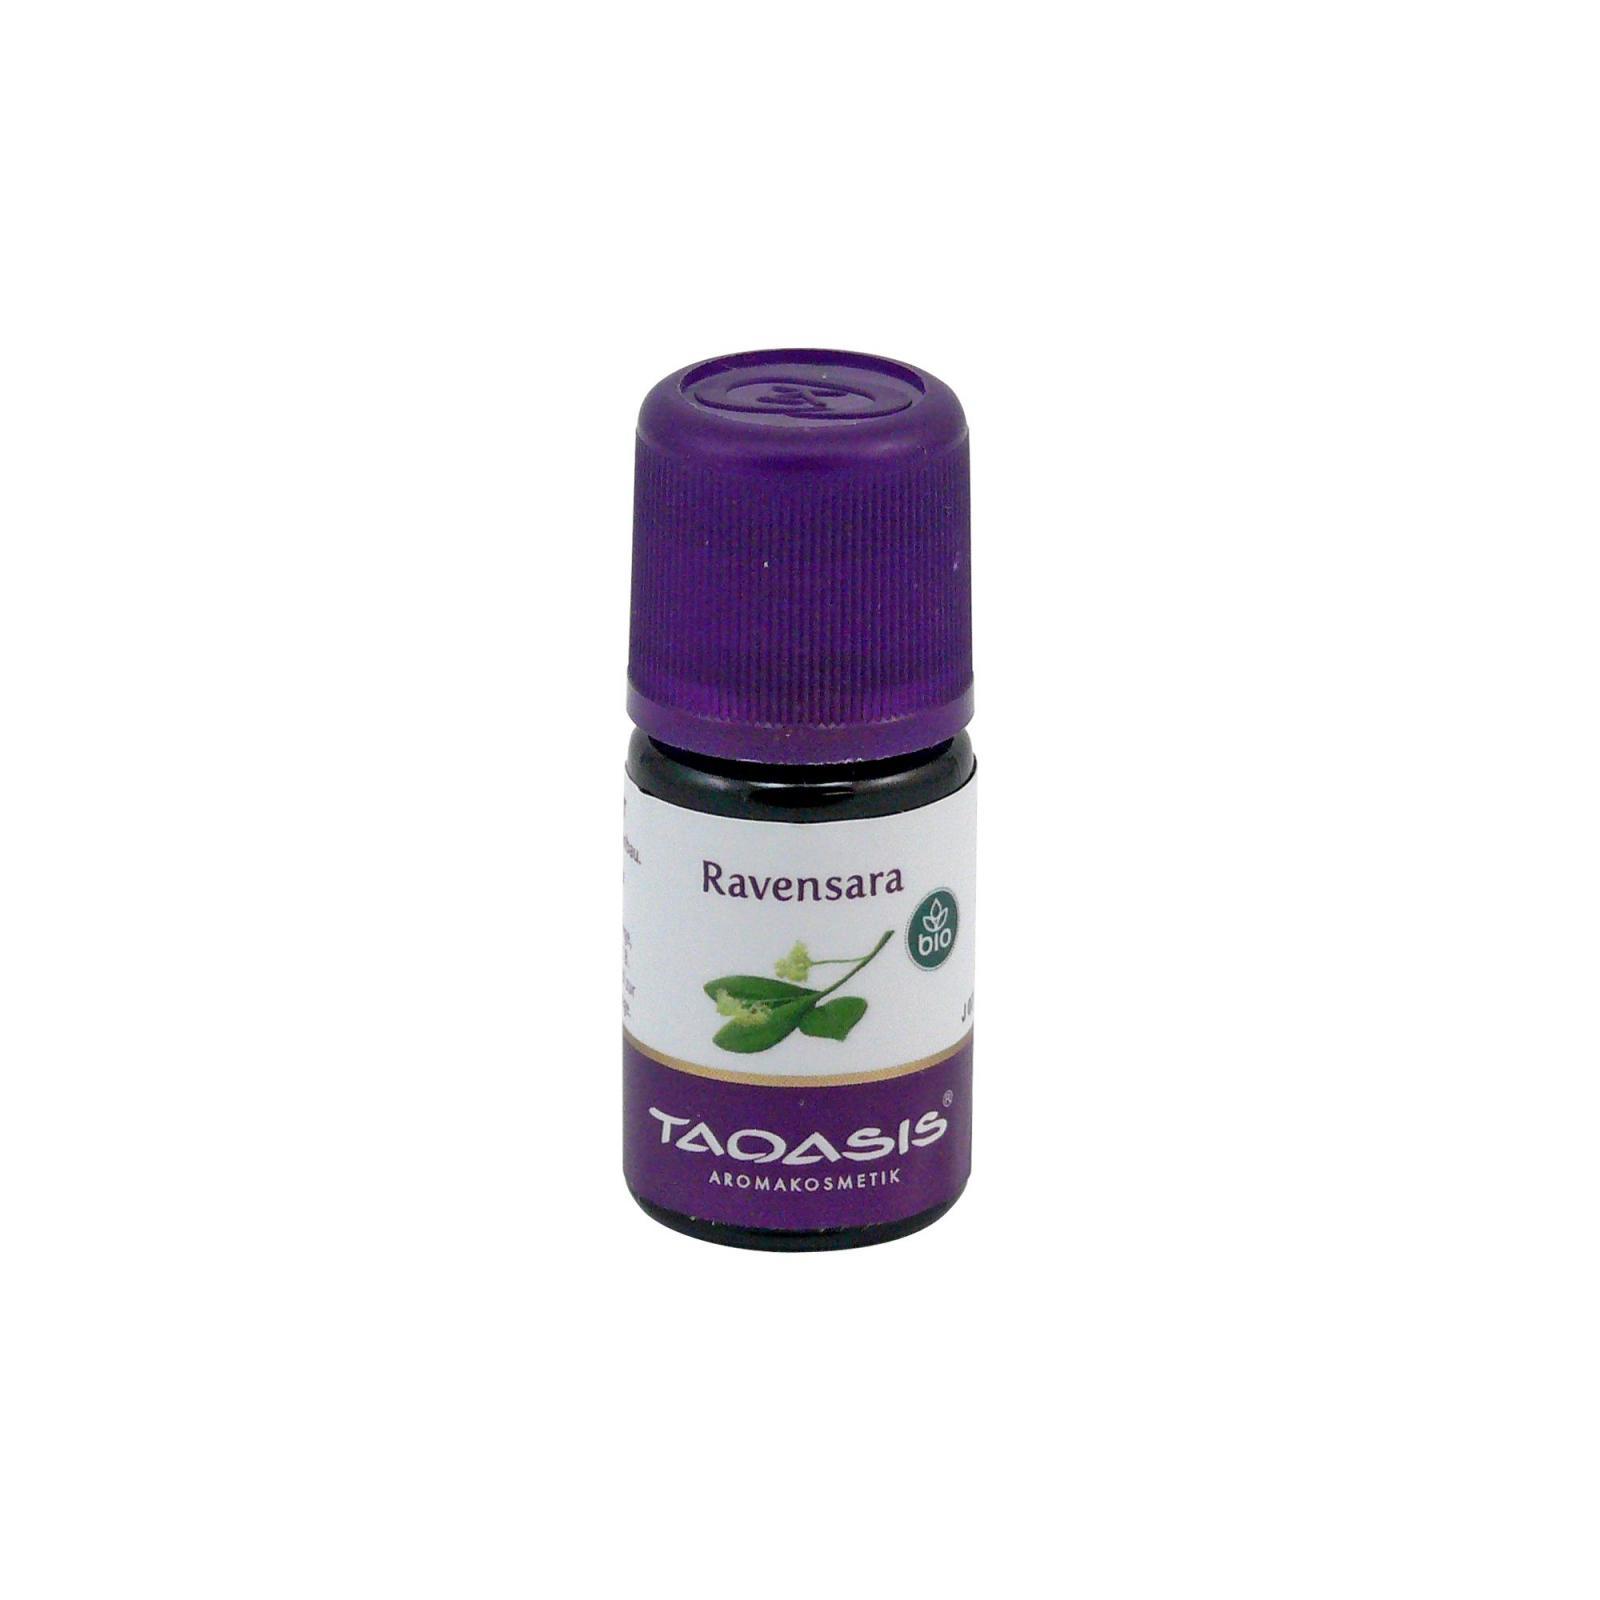 Taoasis Ravensara, Bio 5 ml